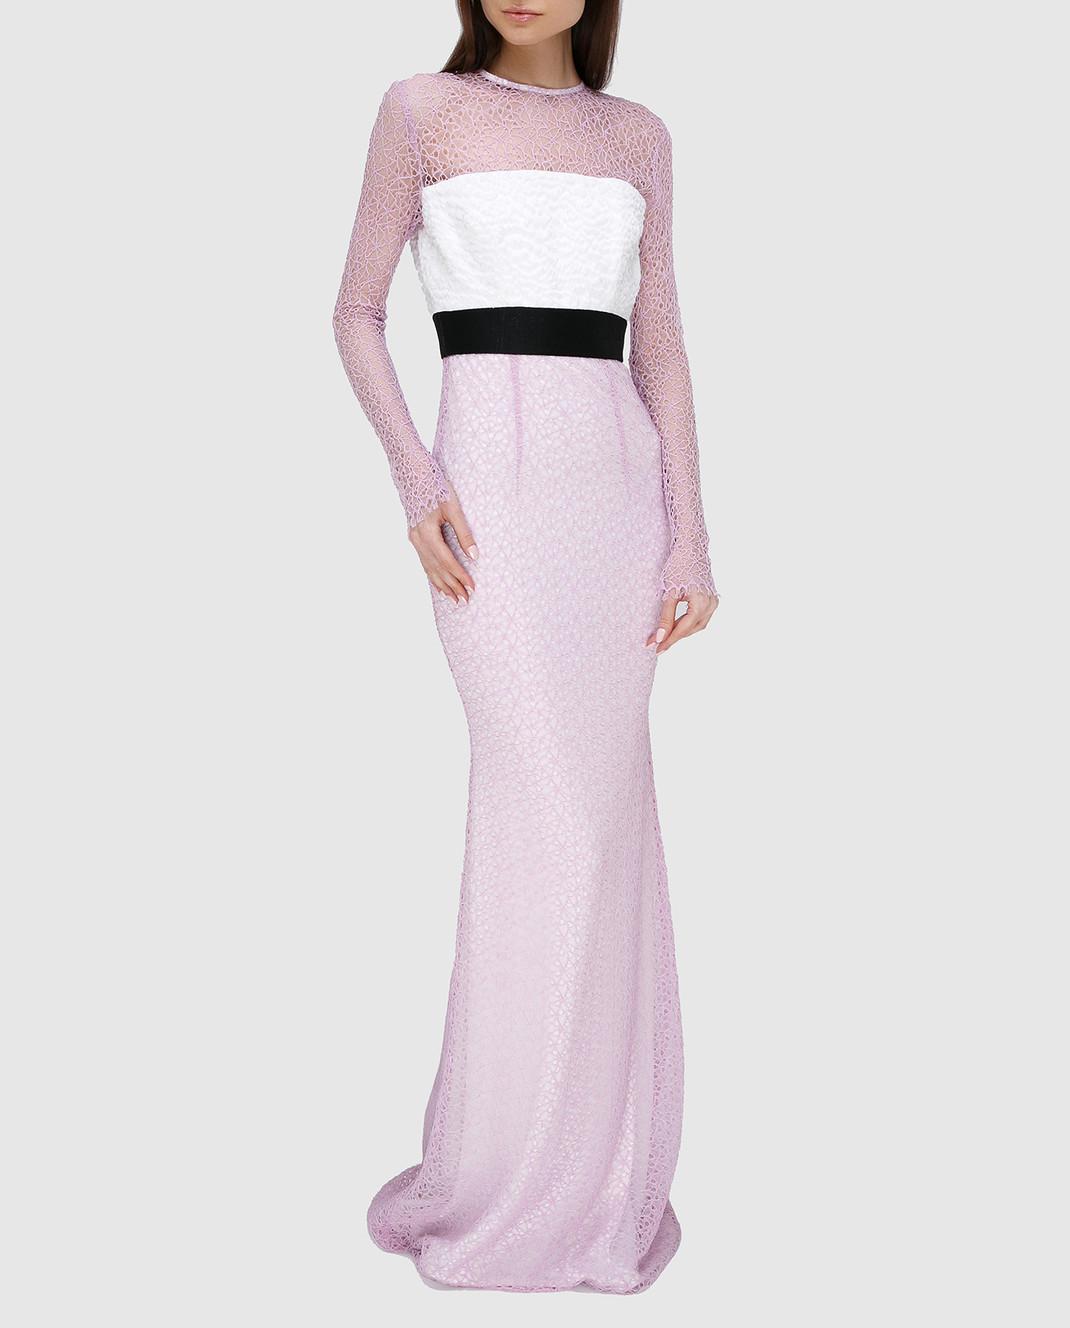 Alex Perry Сиреневое платье из кружева D936 изображение 2